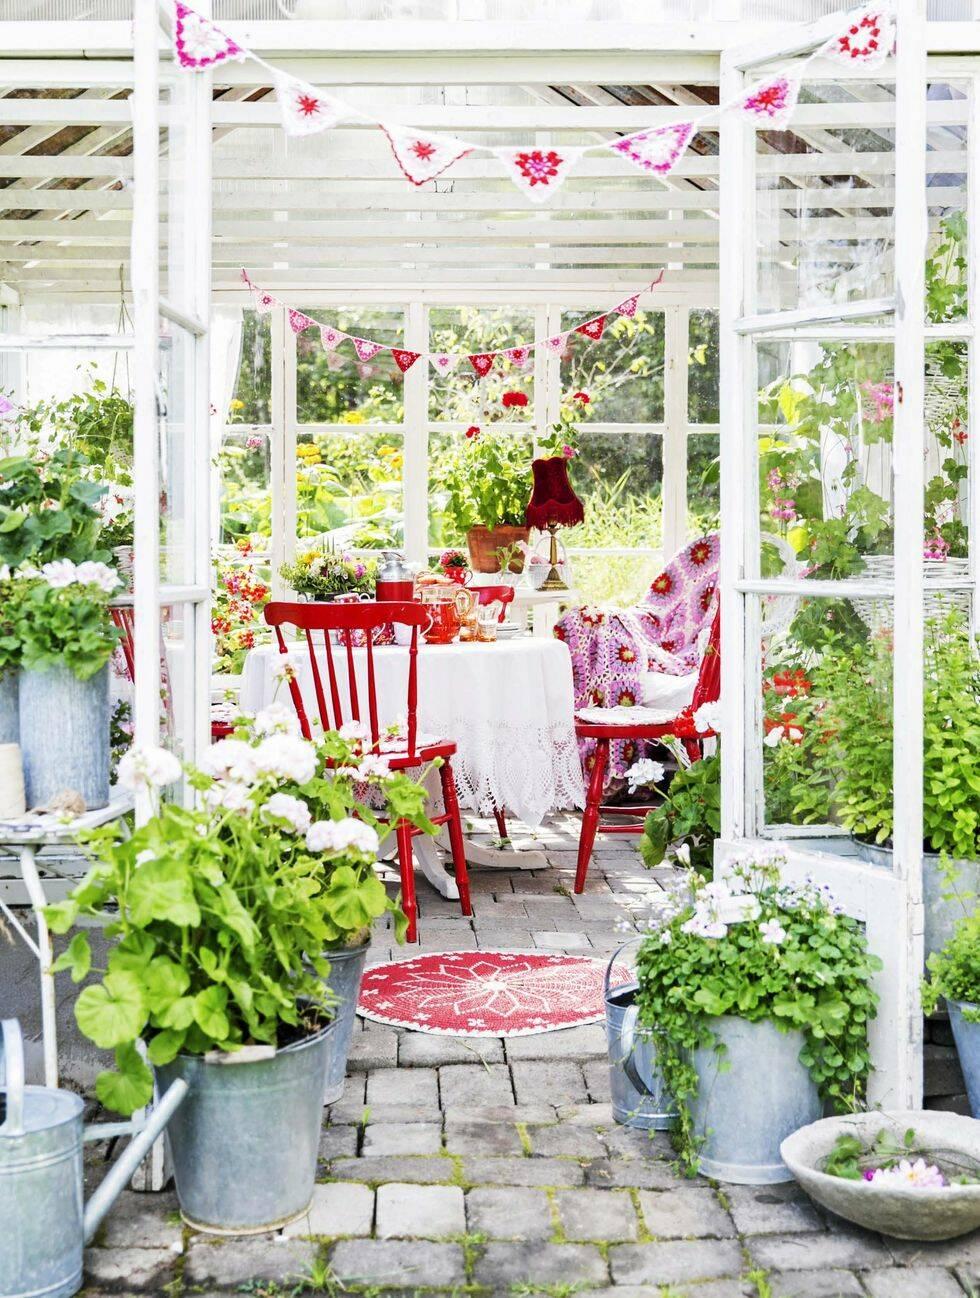 Teijas smultronställe – växthuset som blev ett lusthus